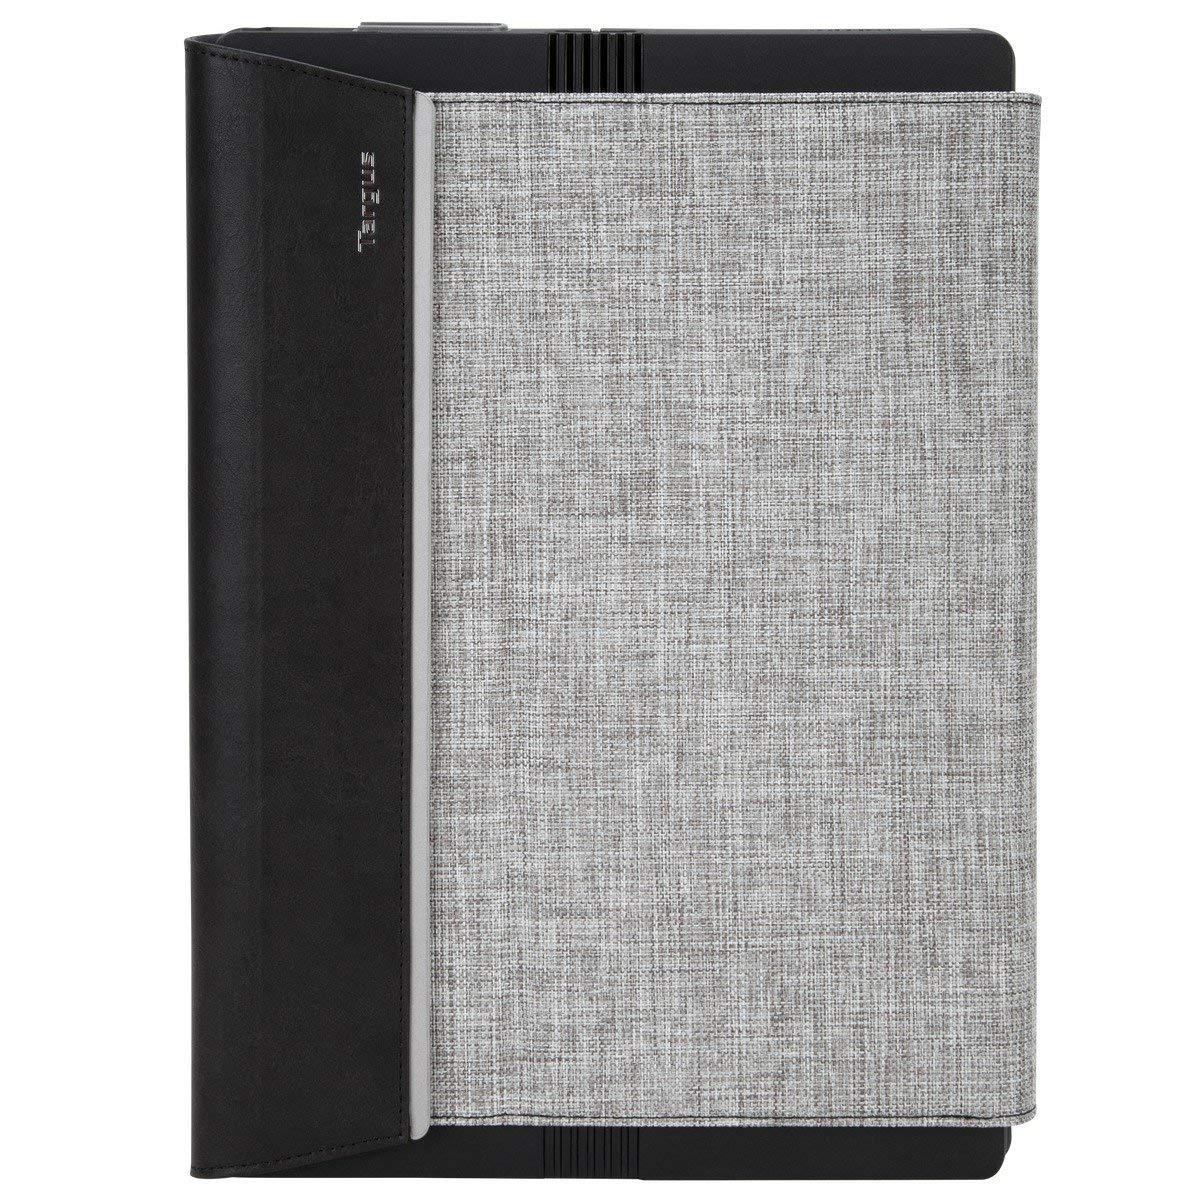 最高級 Targus Signature Folio Wrap + Folio Stand + Case B07LCPG4BS for Microsoft Surface Pro 4 - グレー B07LCPG4BS, ZippoTribe:afa10a65 --- a0267596.xsph.ru